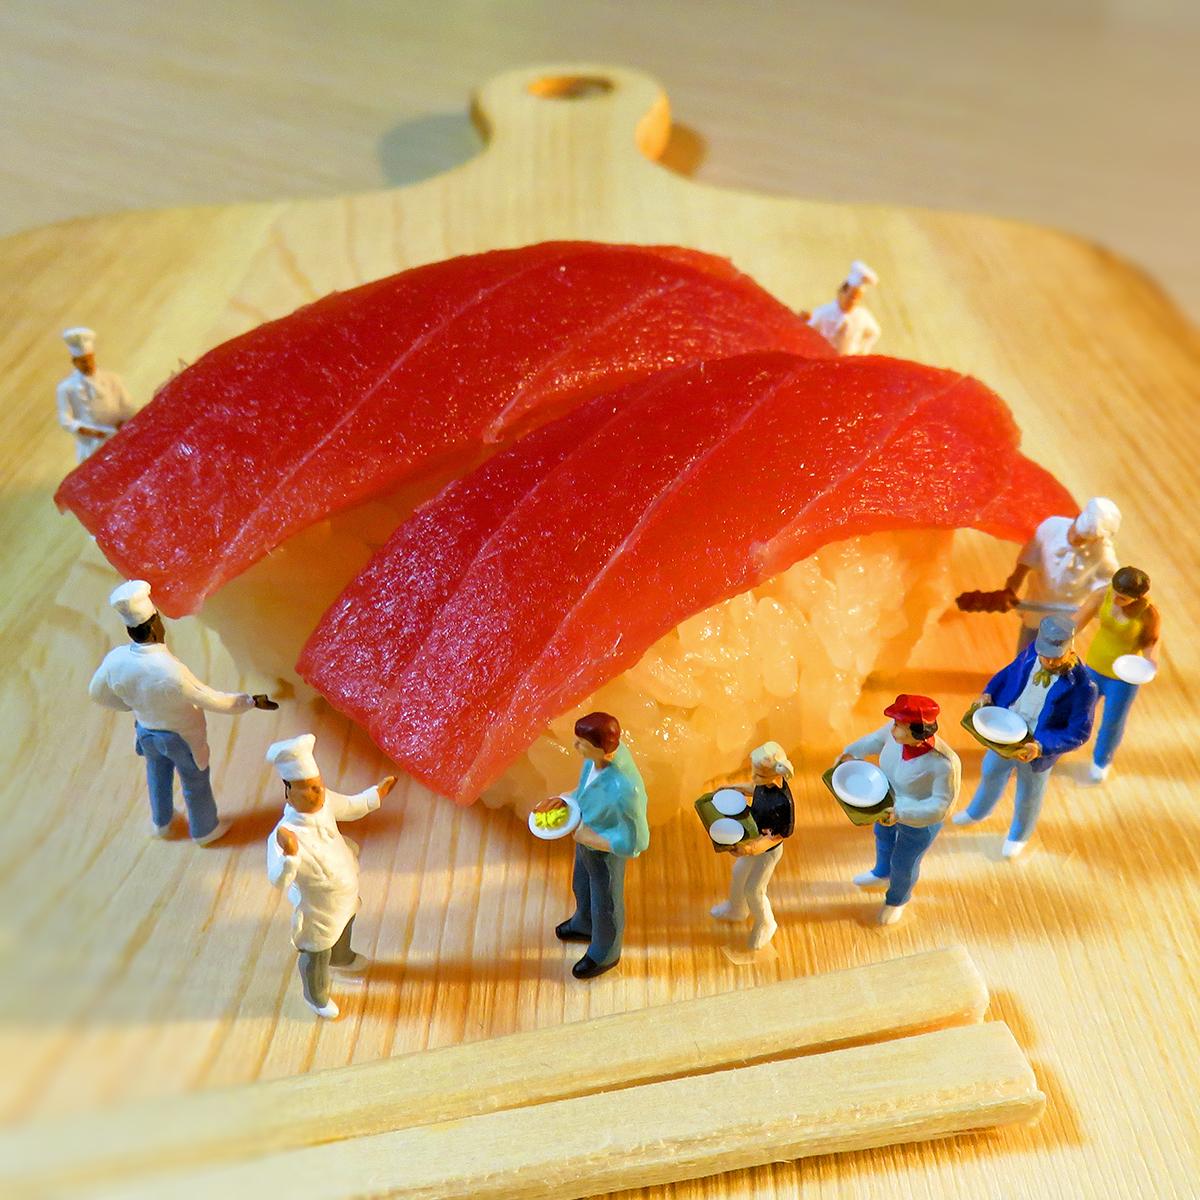 11月1日は寿司の日!巨大なマグロ寿司を食べたくて行列になる人達